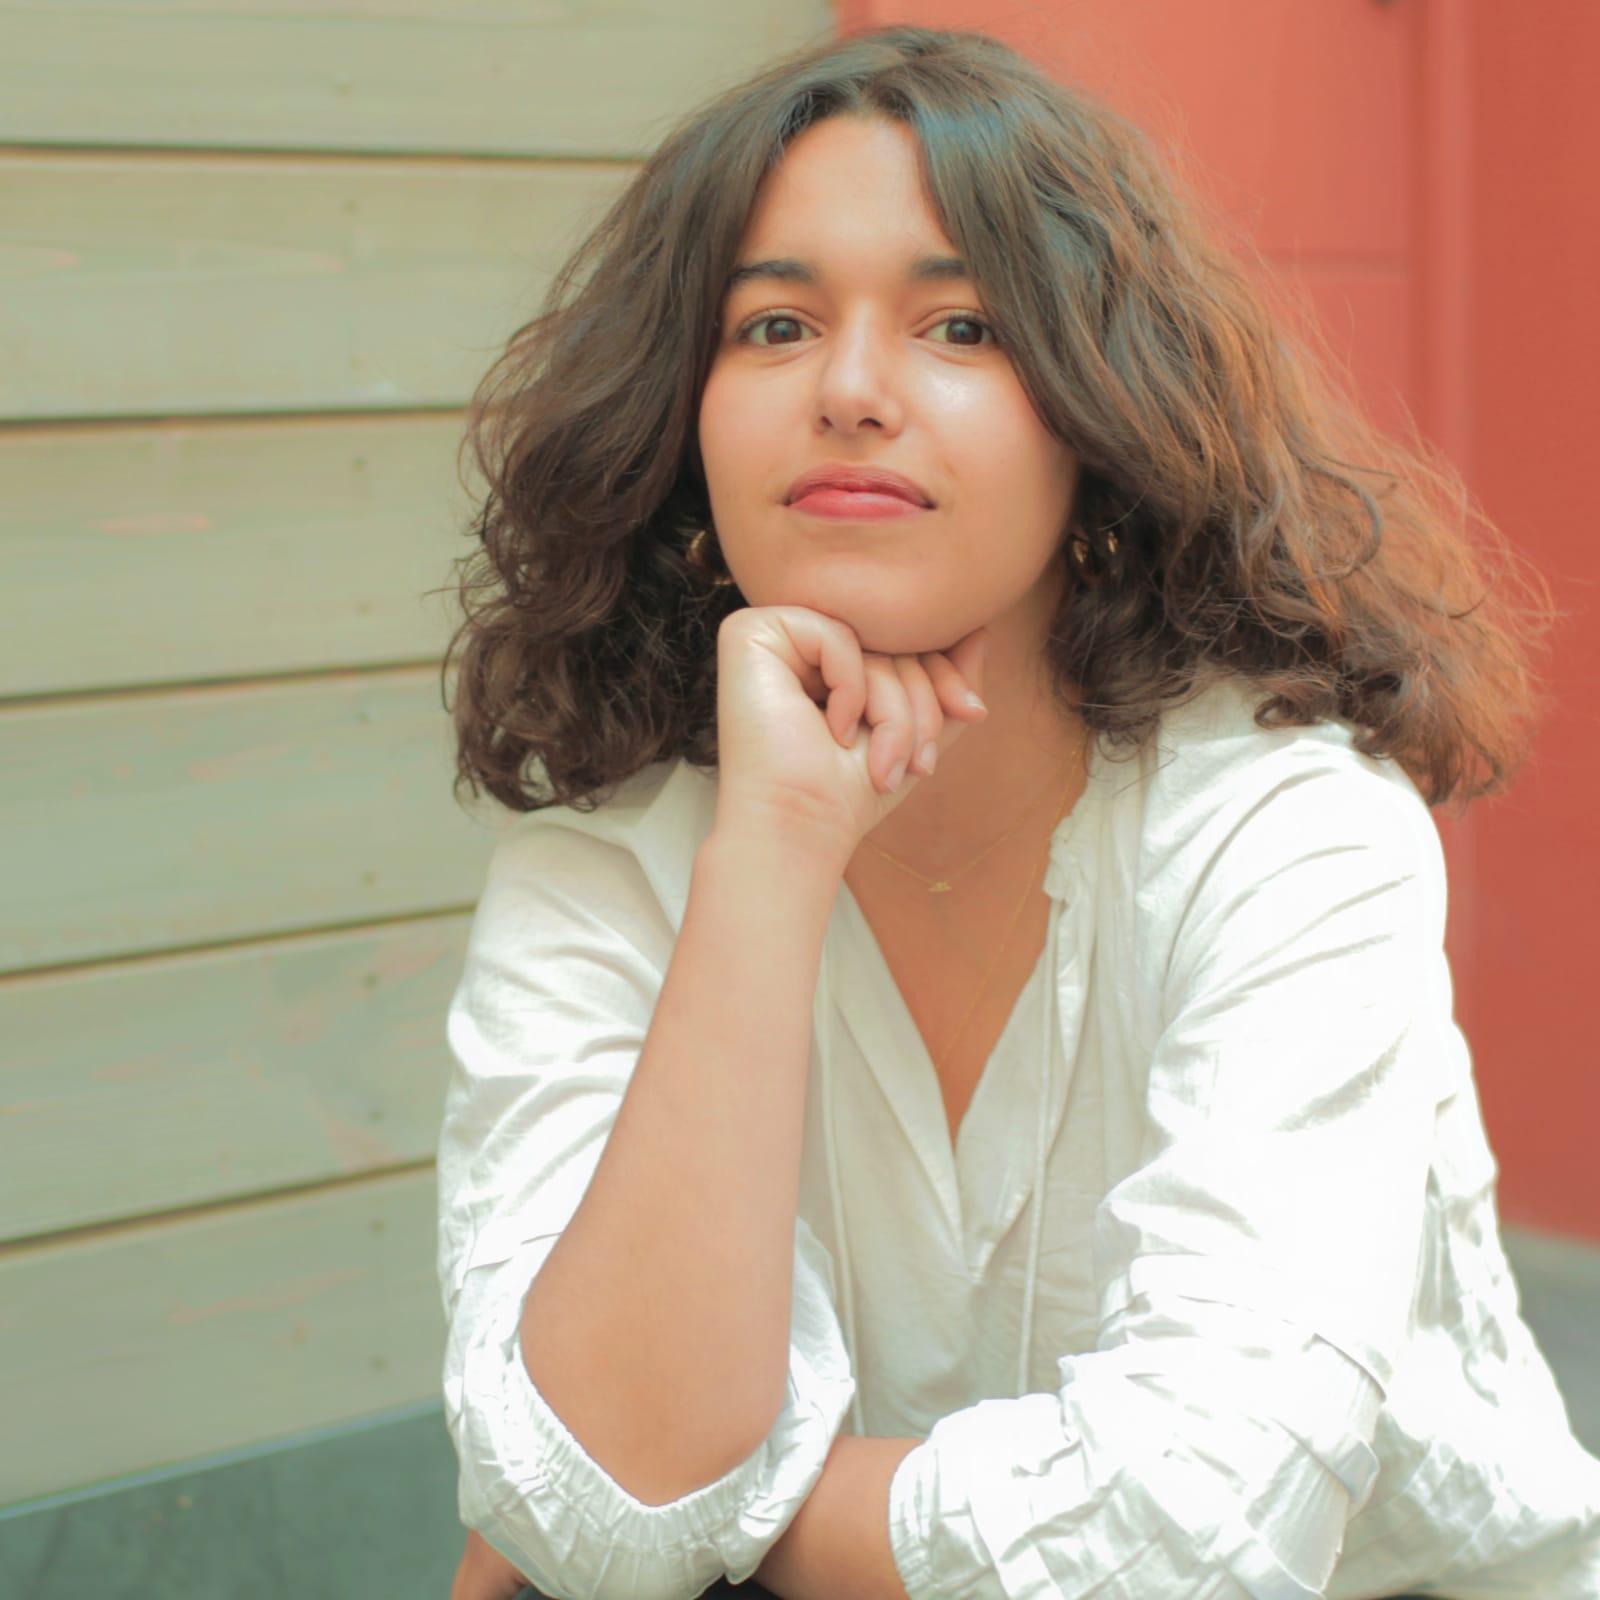 Samar BARBOUCHE